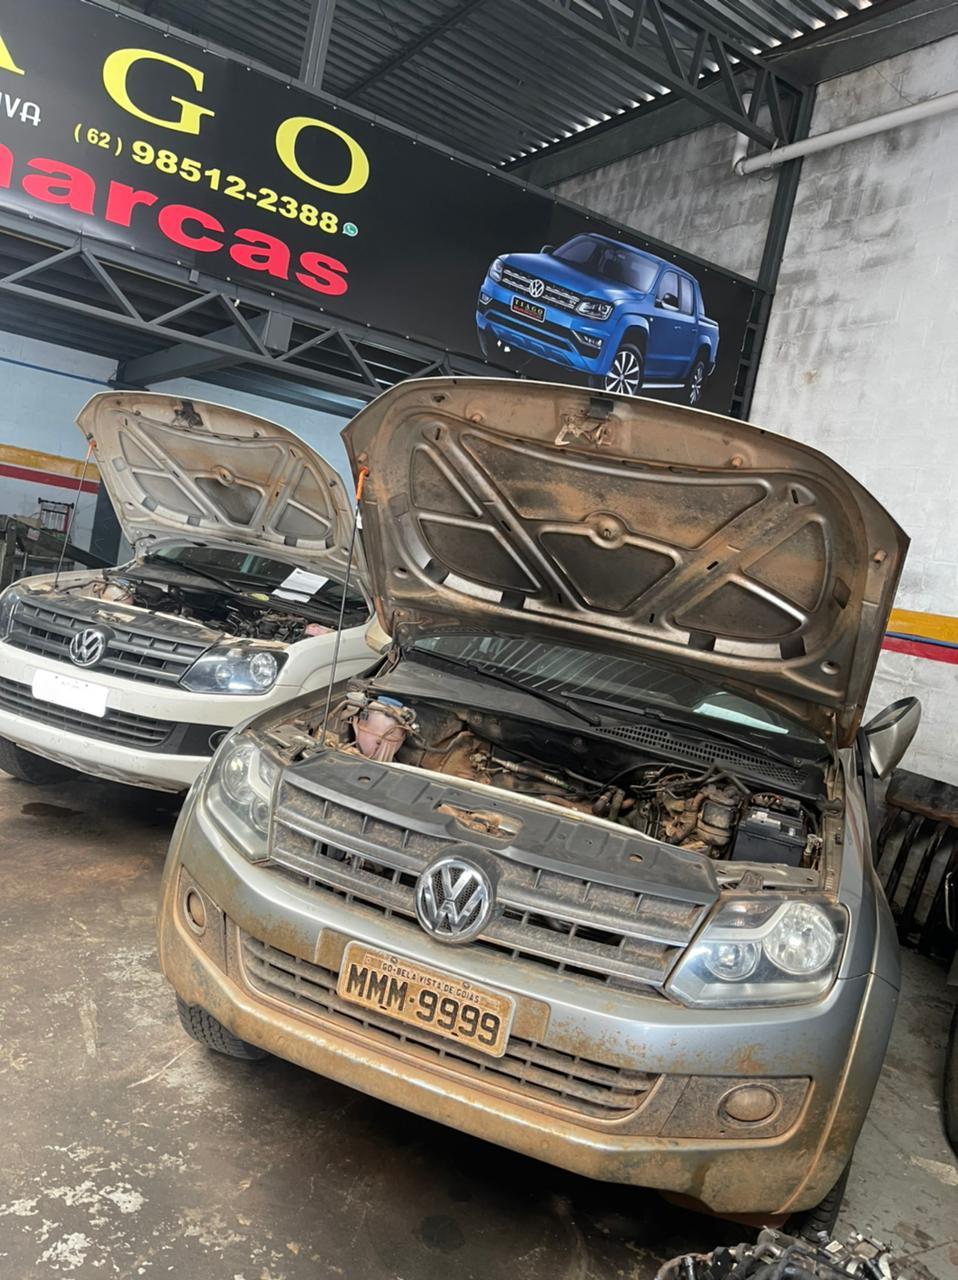 Mecanico-Volkswagen-Amarok-especialista-defeitos-7.jpg